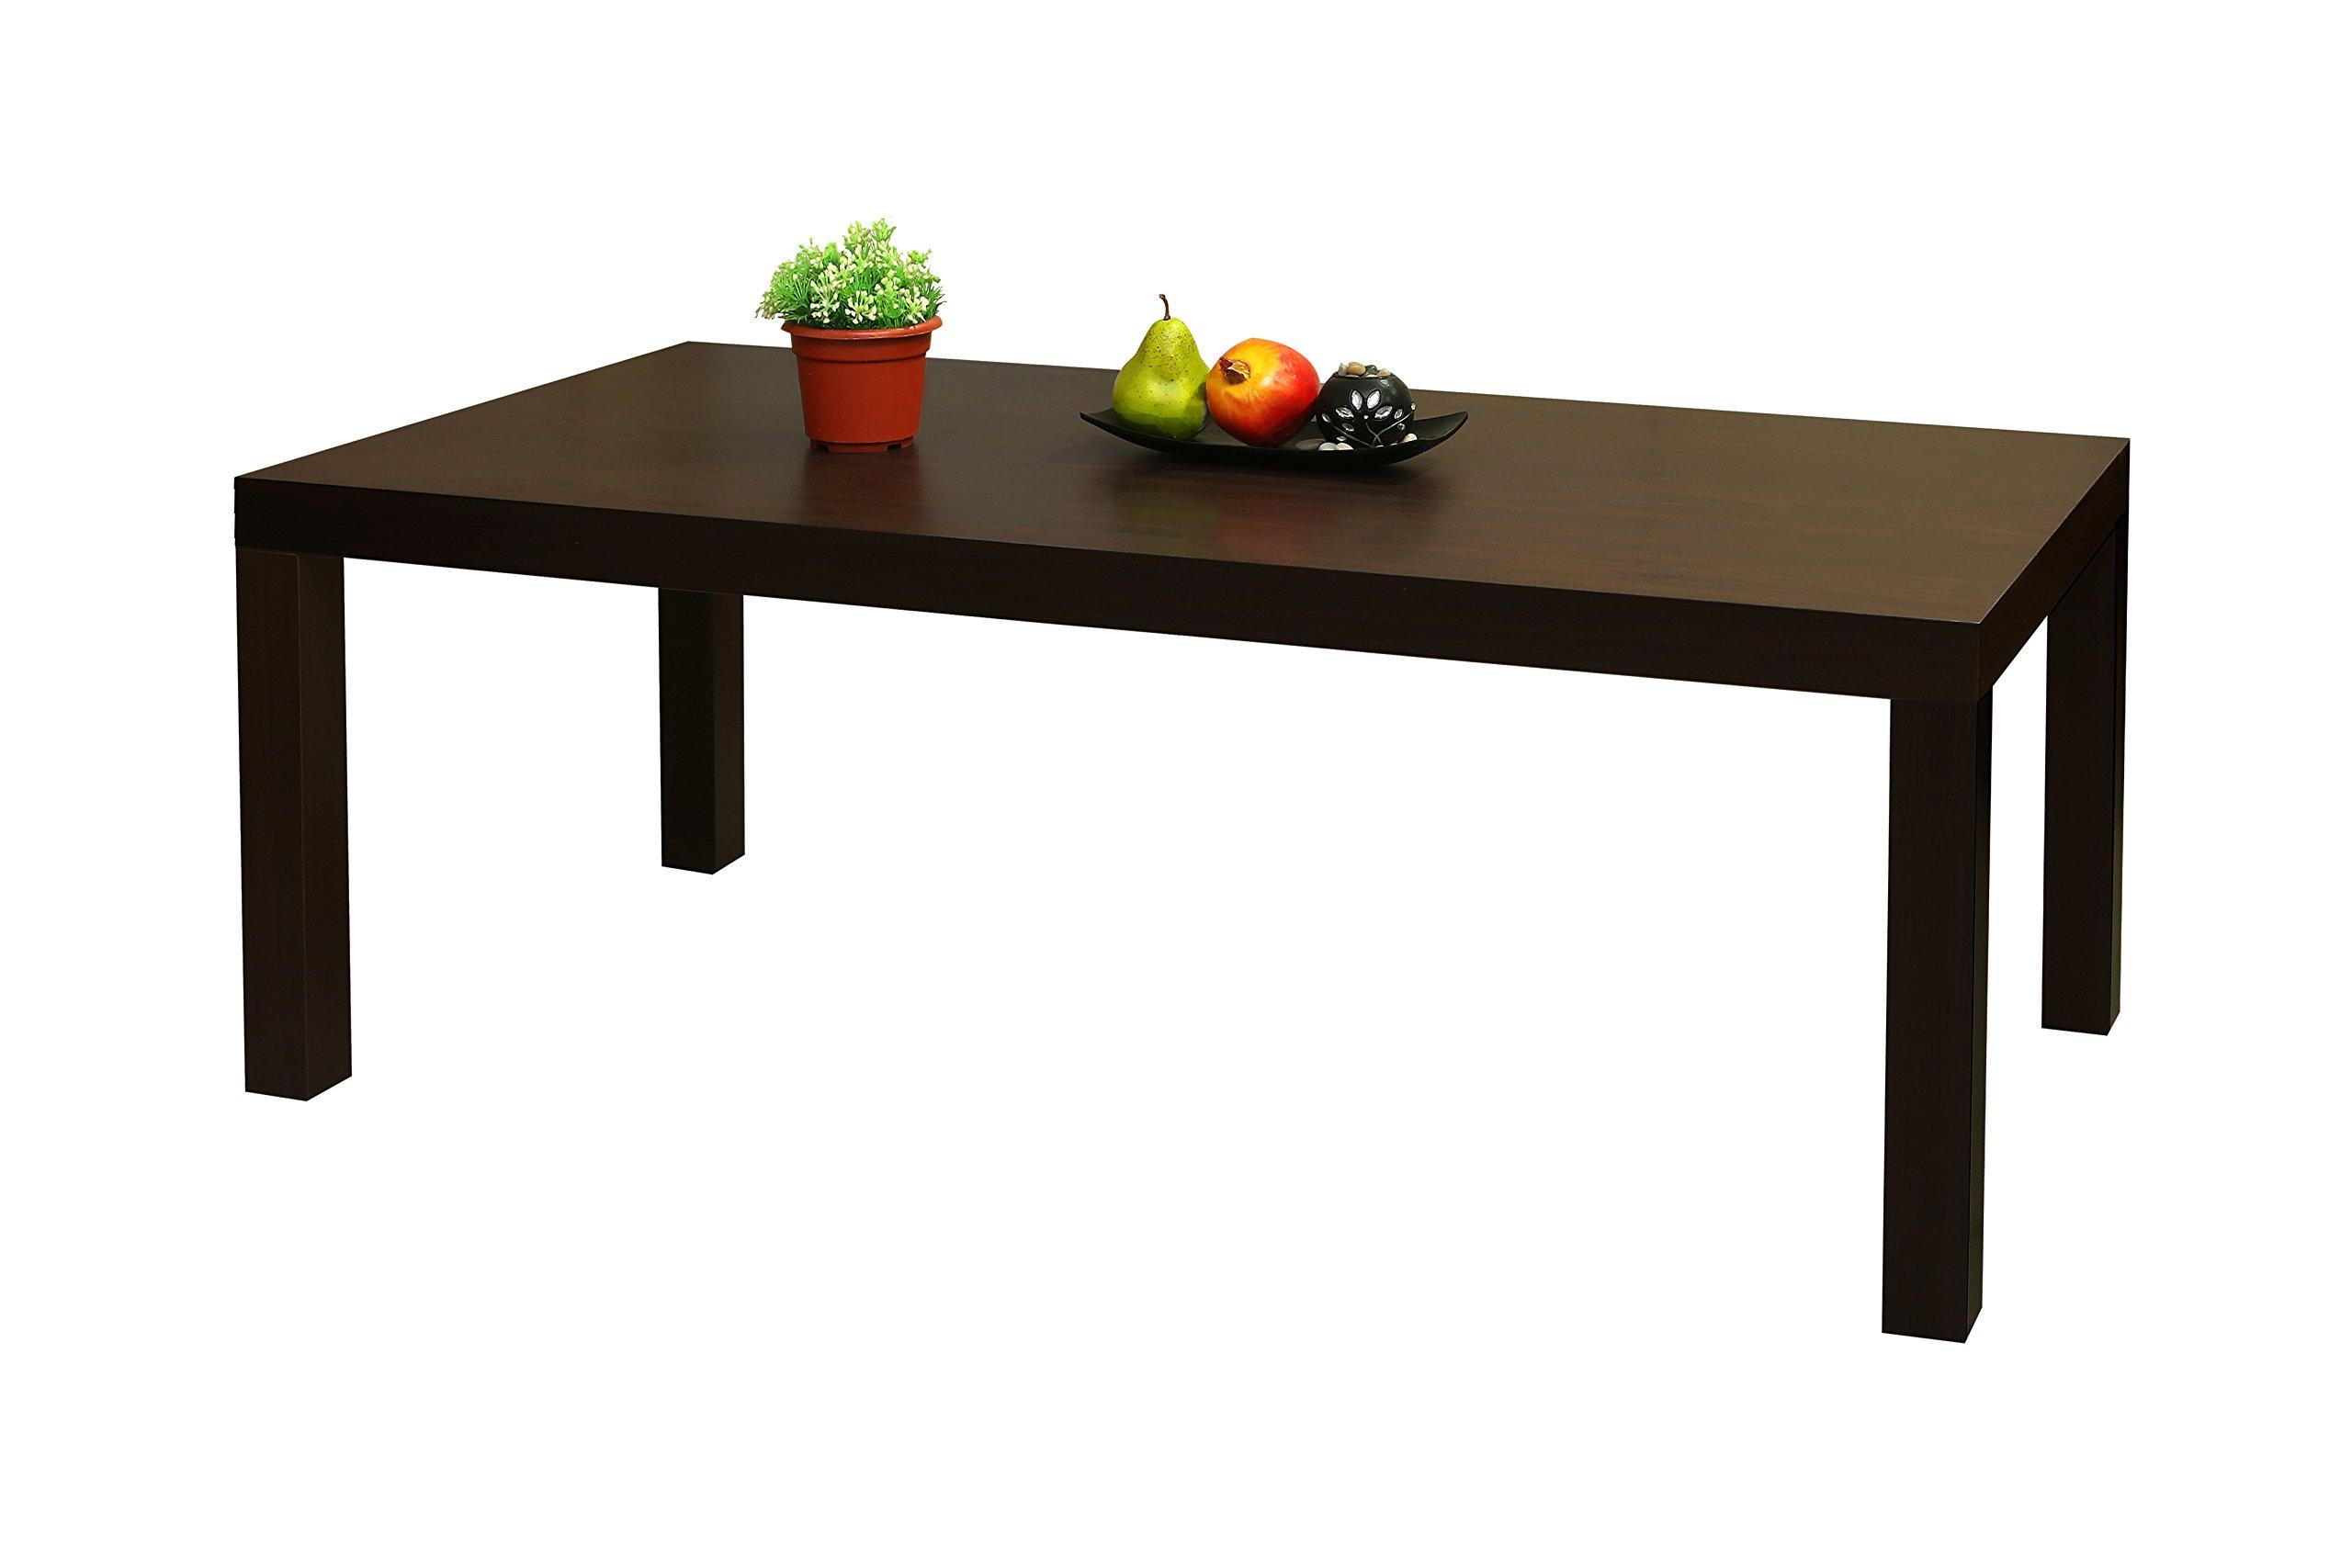 Kings Brand Furniture Wood Modern Parsons Coffee Table, Dark Brown